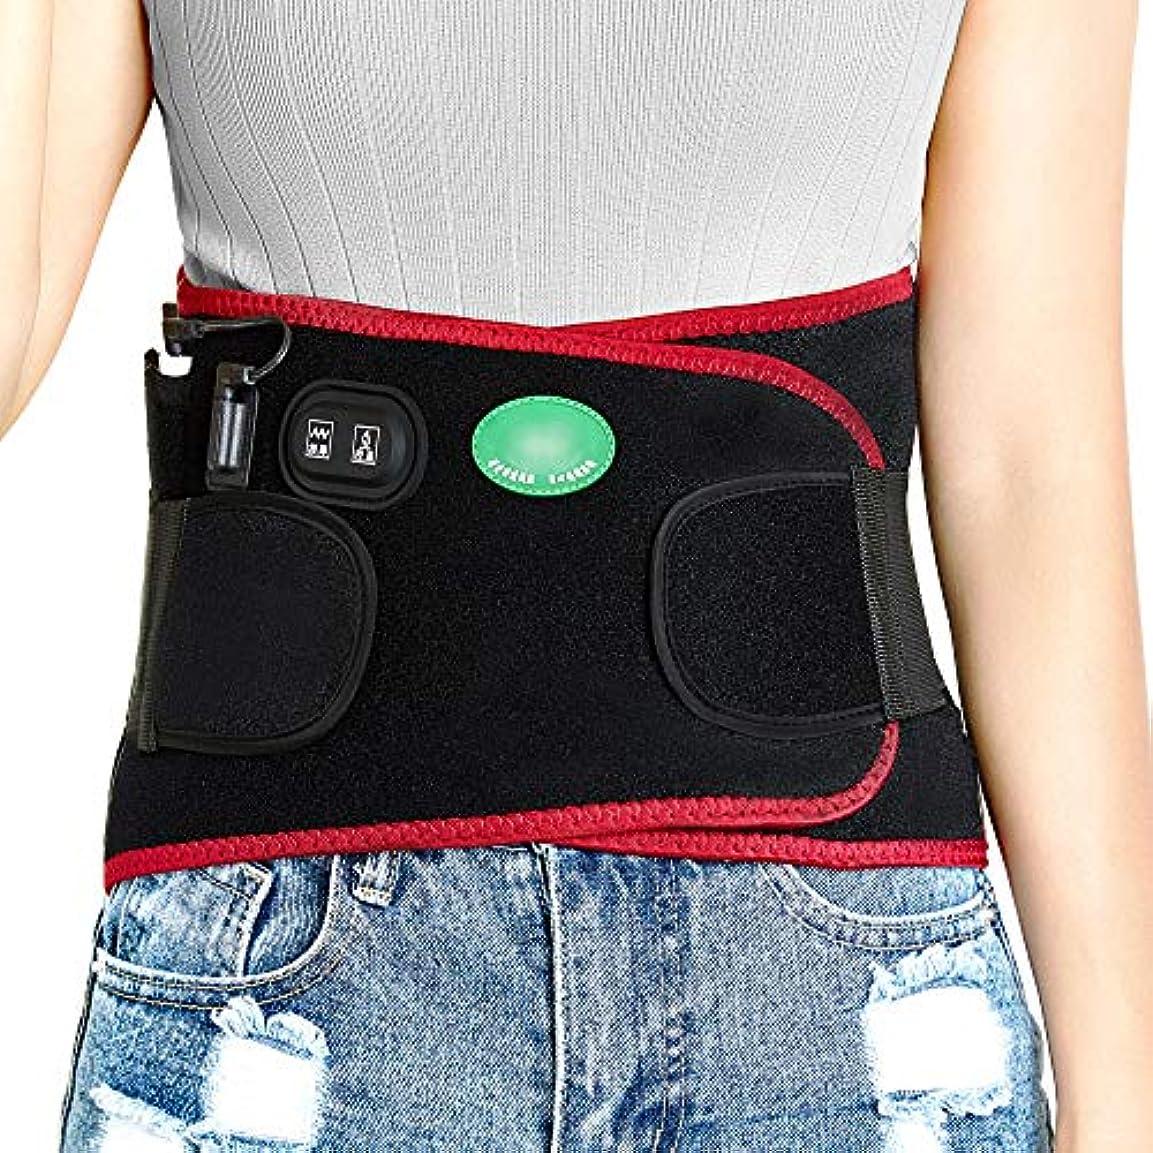 ひそかに基準見出し腰用温熱ベルト 腰を支える 腰間盤際立っている 遠赤外線 腰椎の痛み緩和 3段階温度調節 充電式マッサージ振動する労損 熱をつける男女